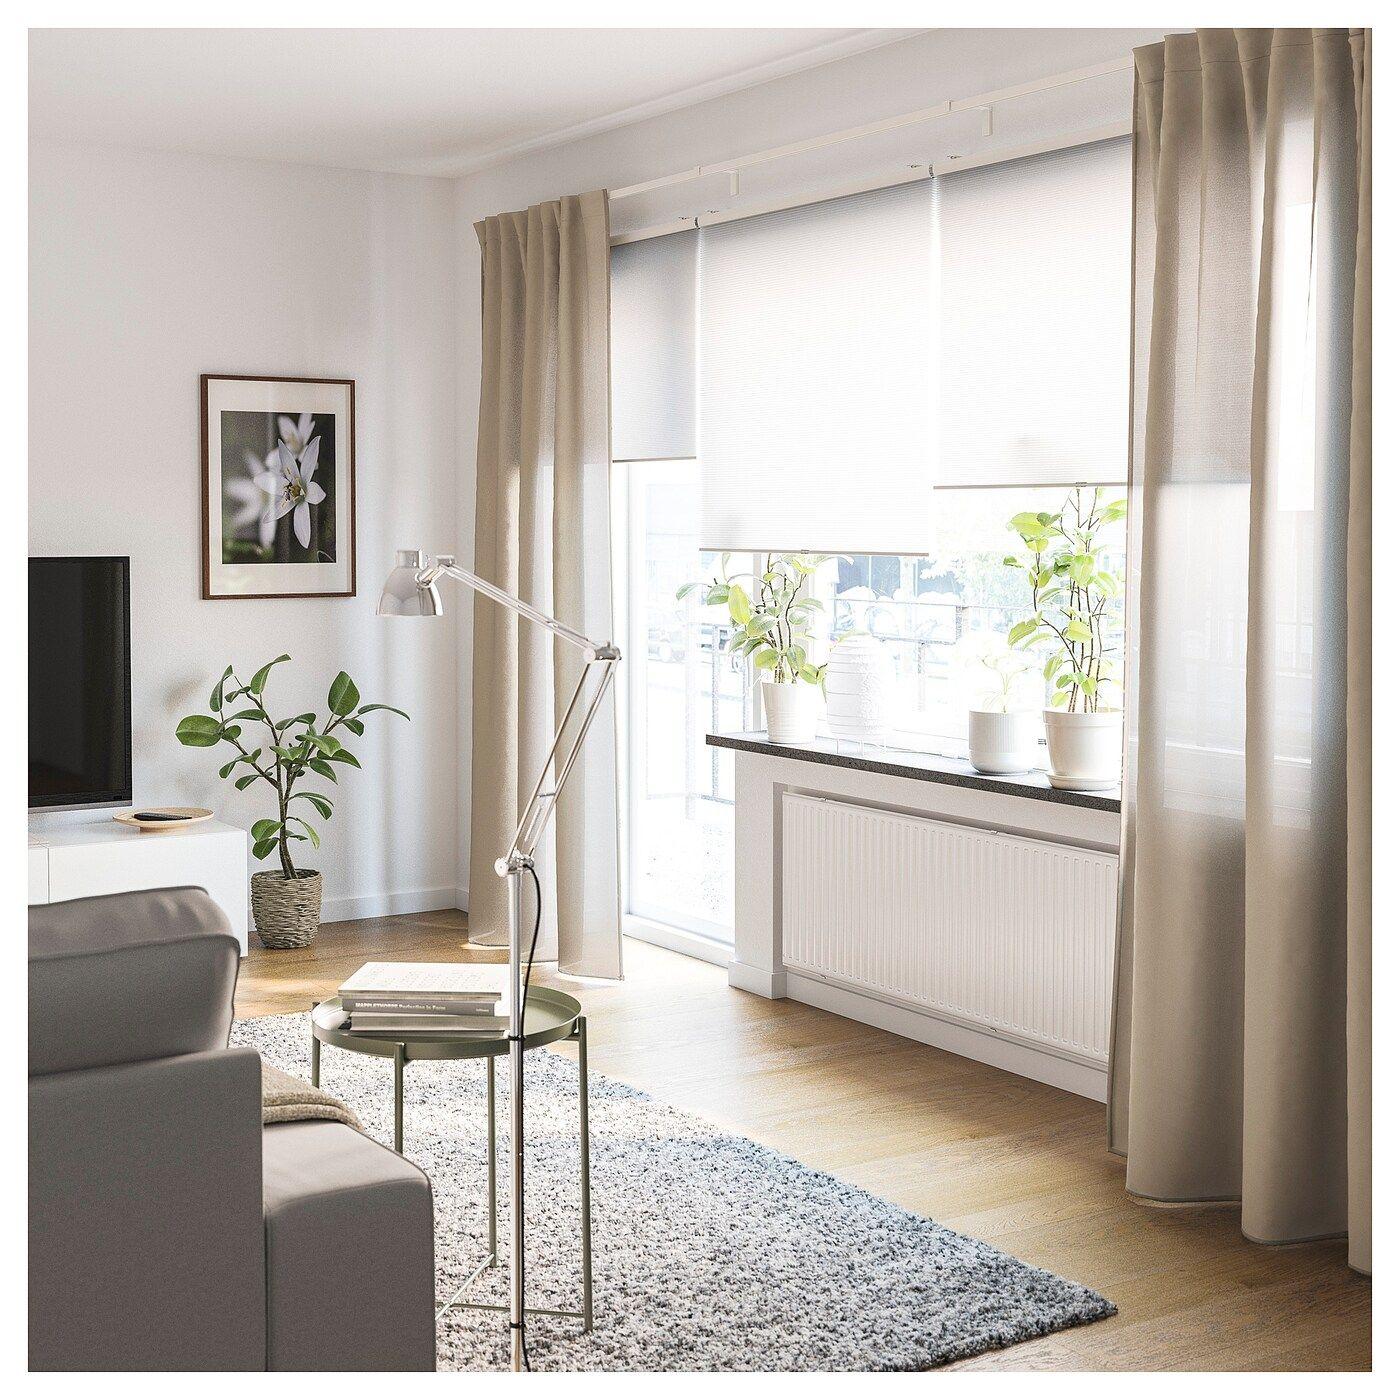 IKEA VIDGA Gardinenschienen-Set 1lfg mit Ecke – weiß